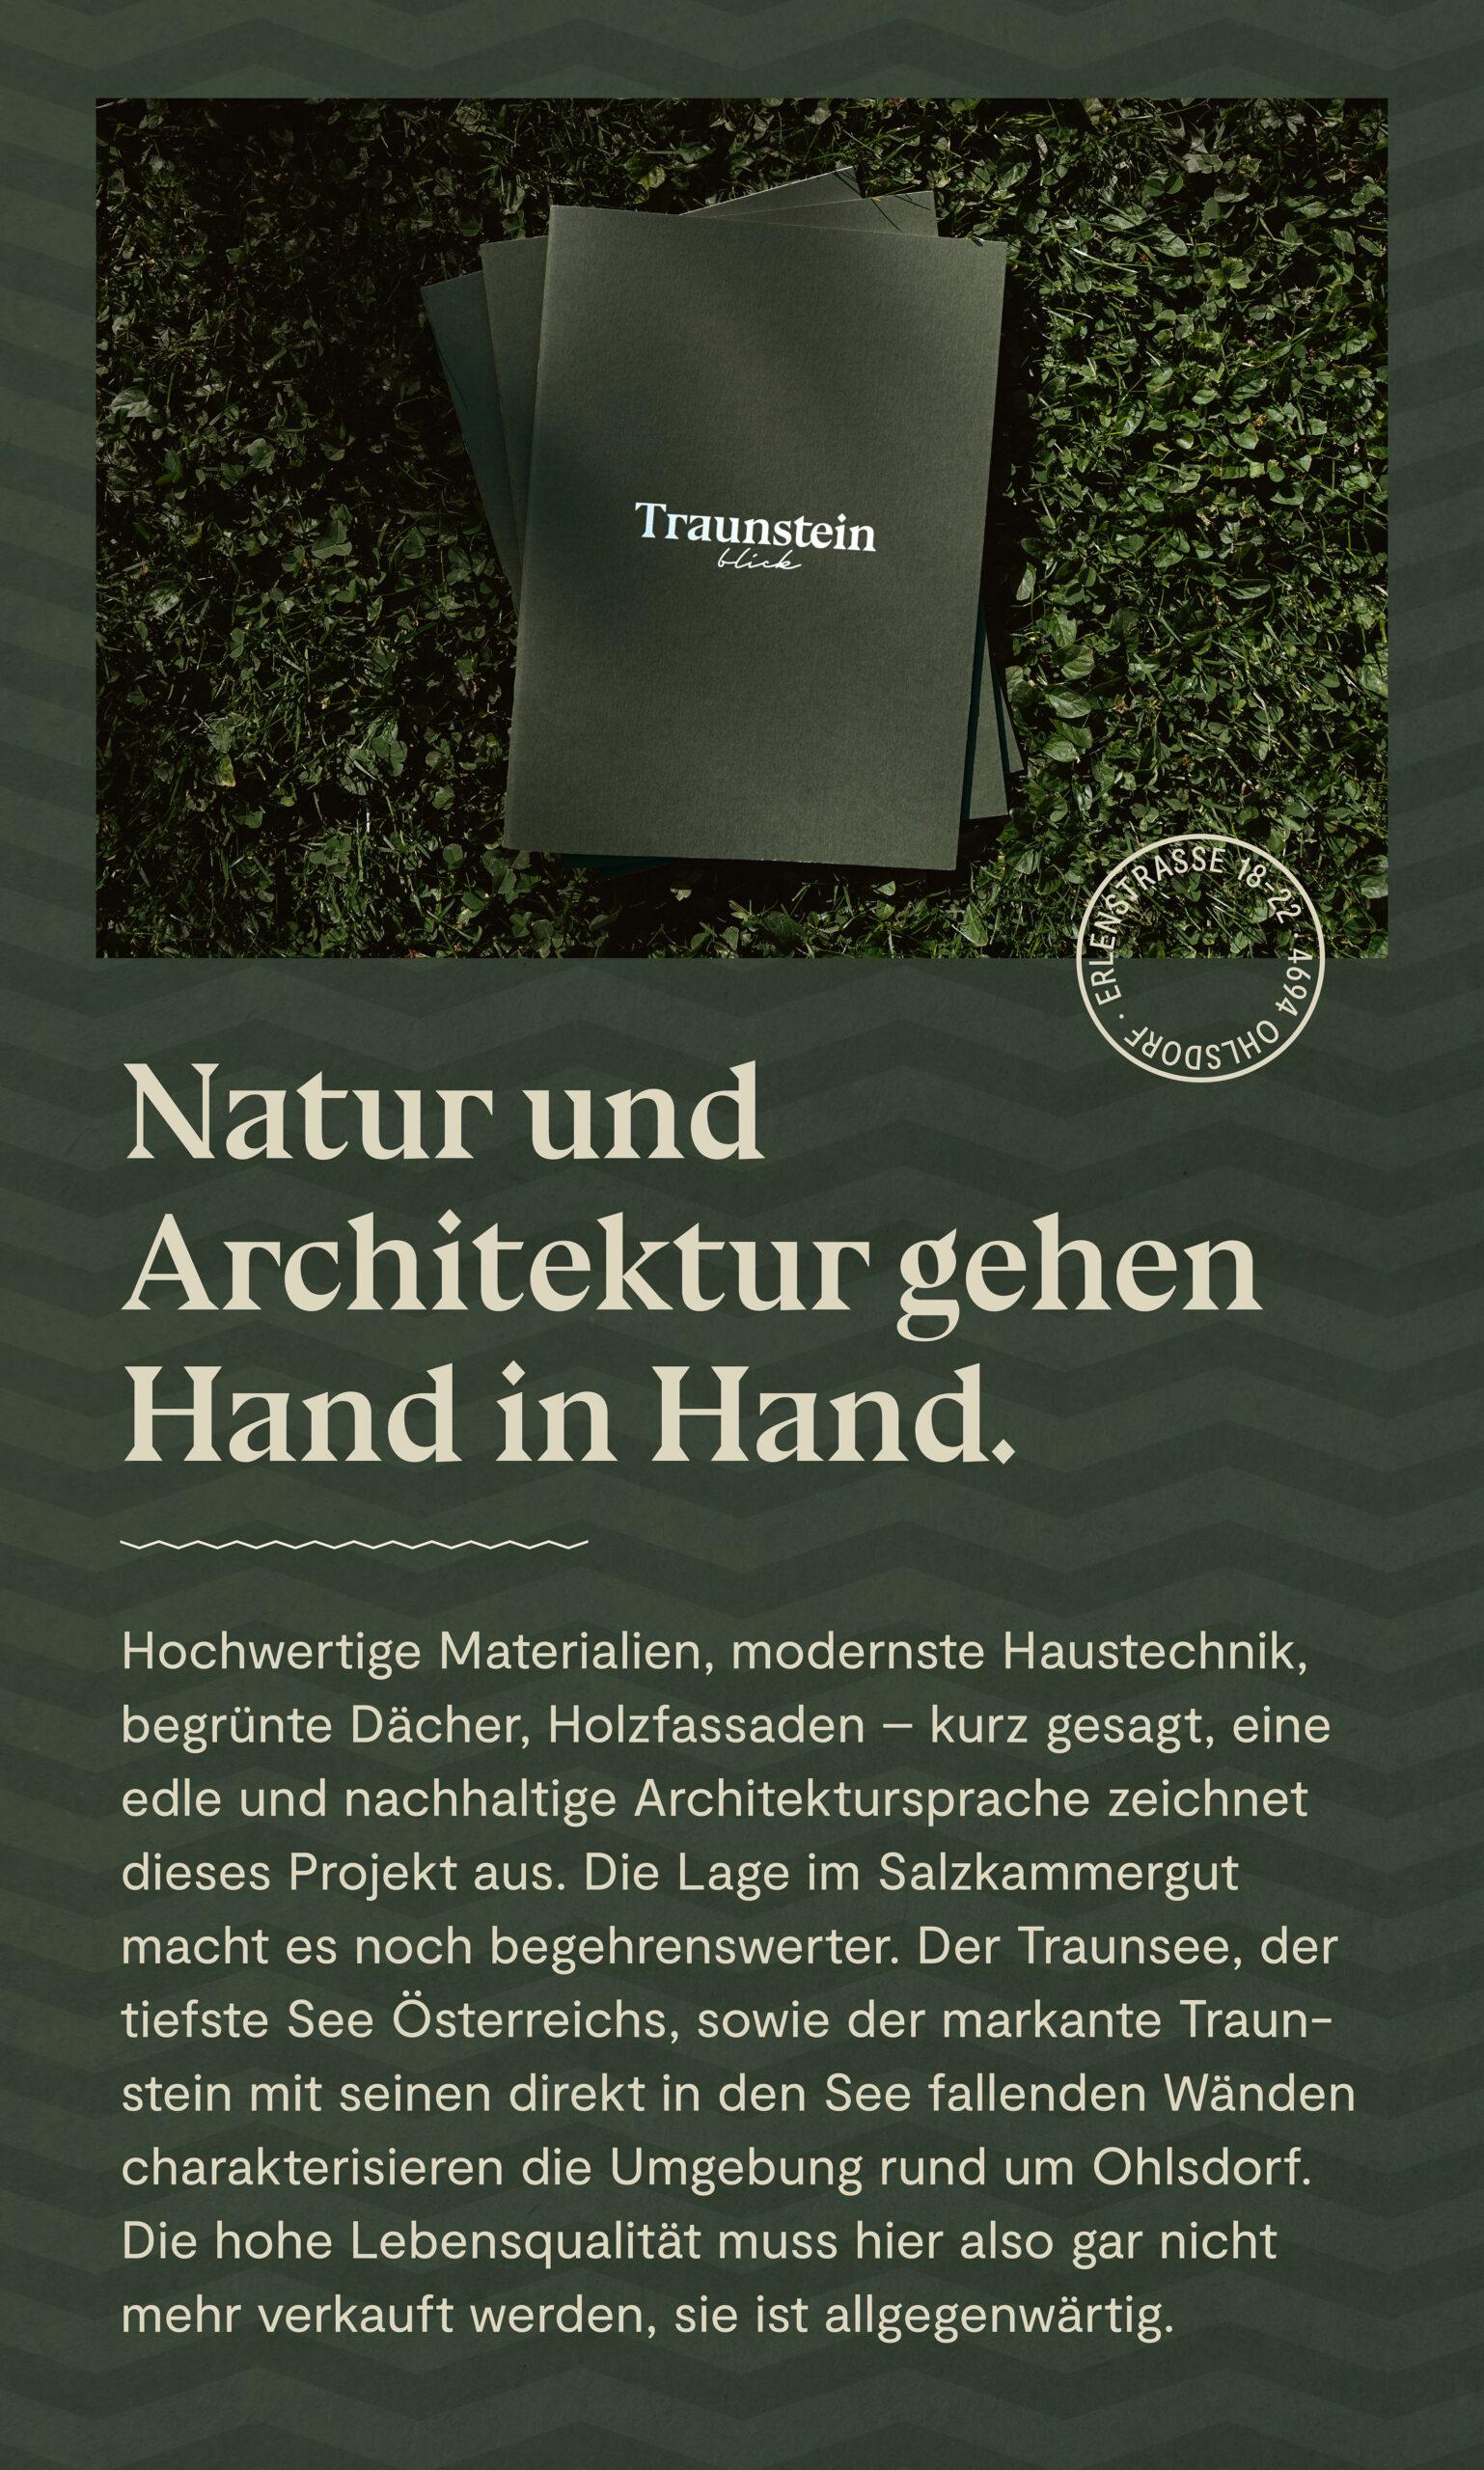 1900x1080_Traunstein_3_kl